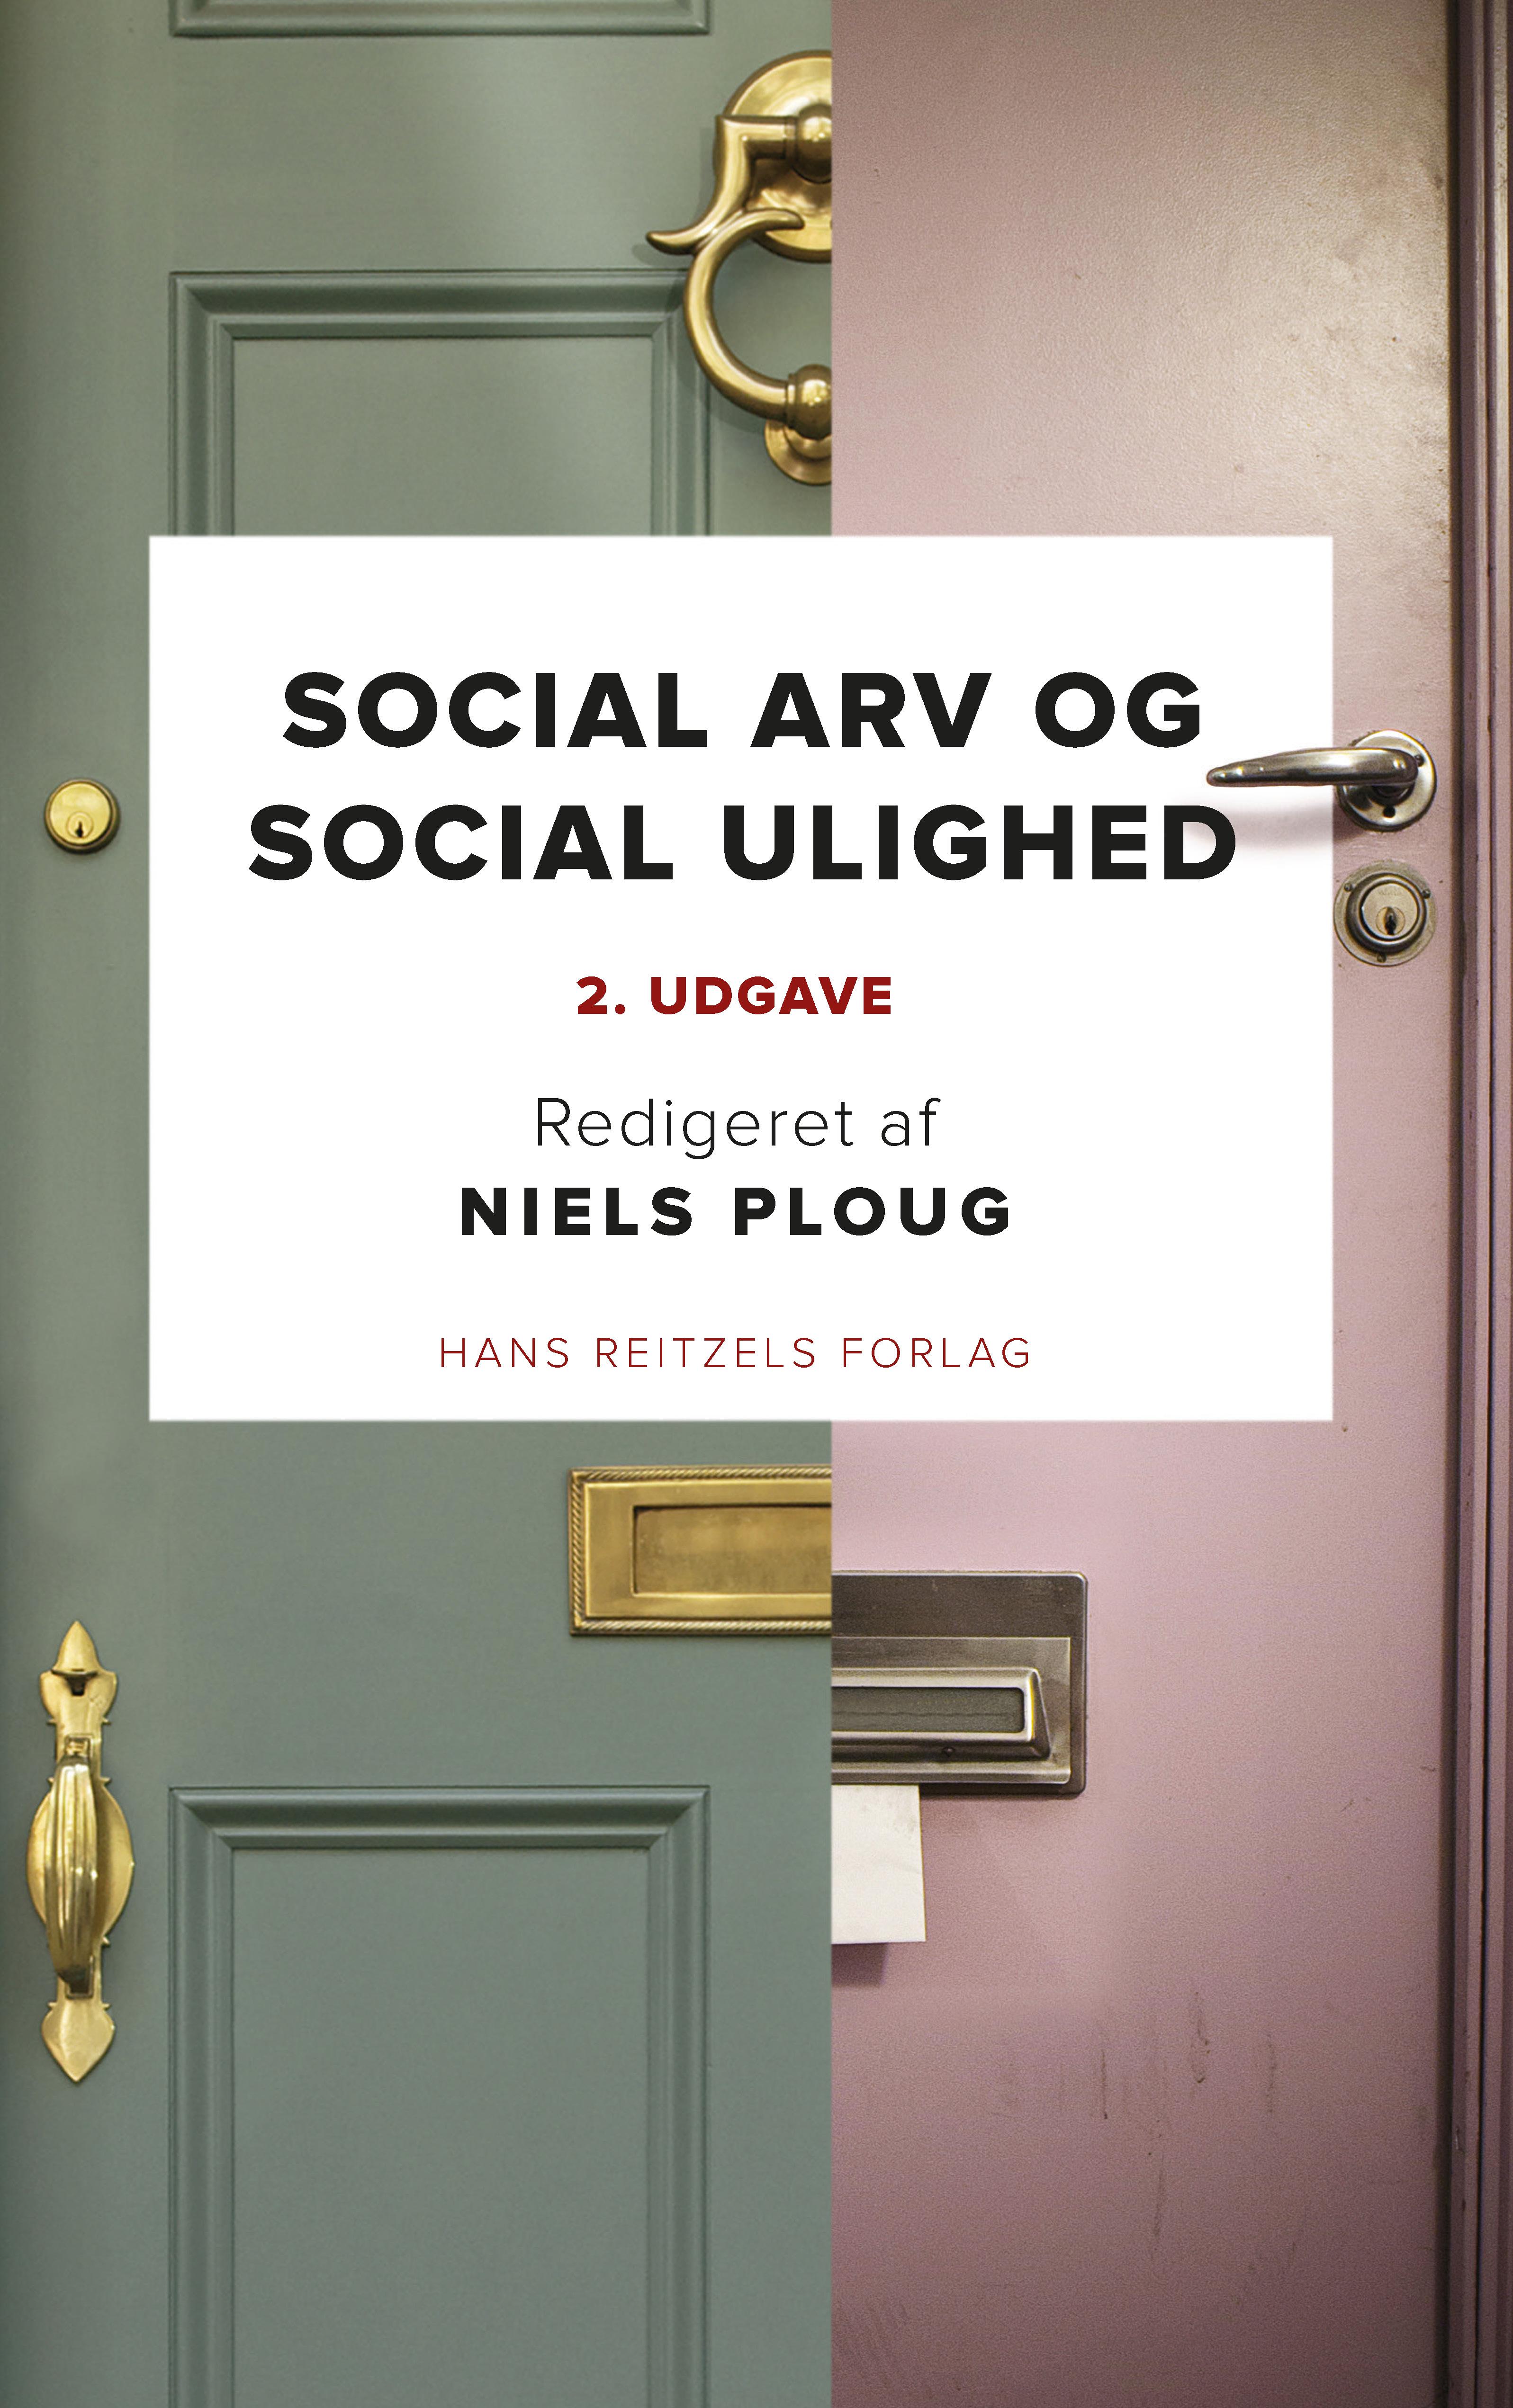 Social arv og social ulighed